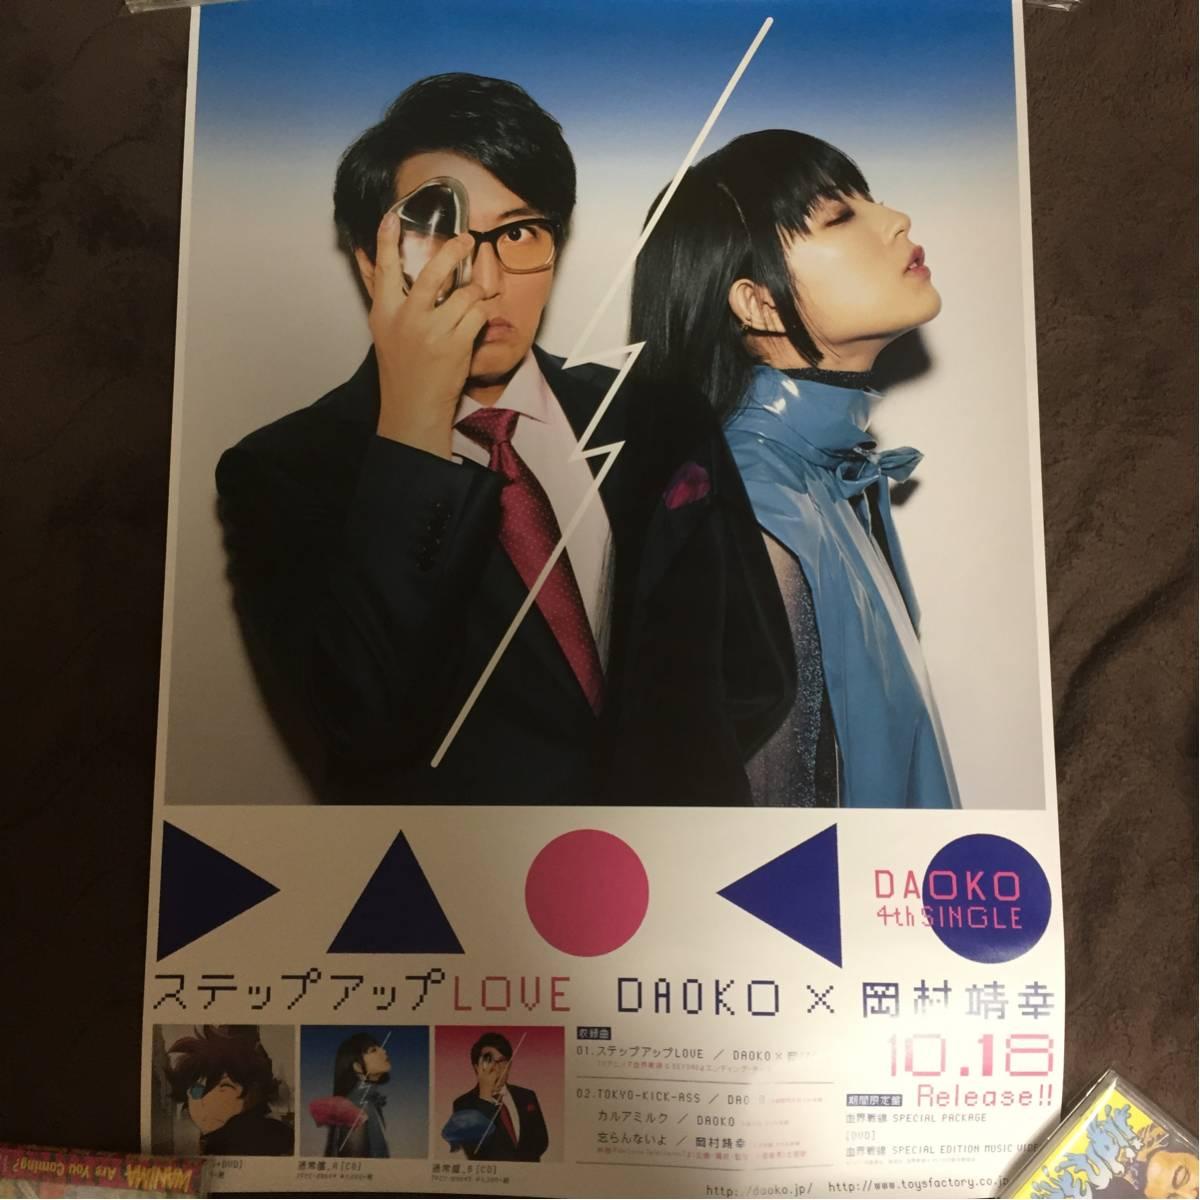 激レア DAOKO 岡村靖幸 非売品 ポスター ステップアップLOVE